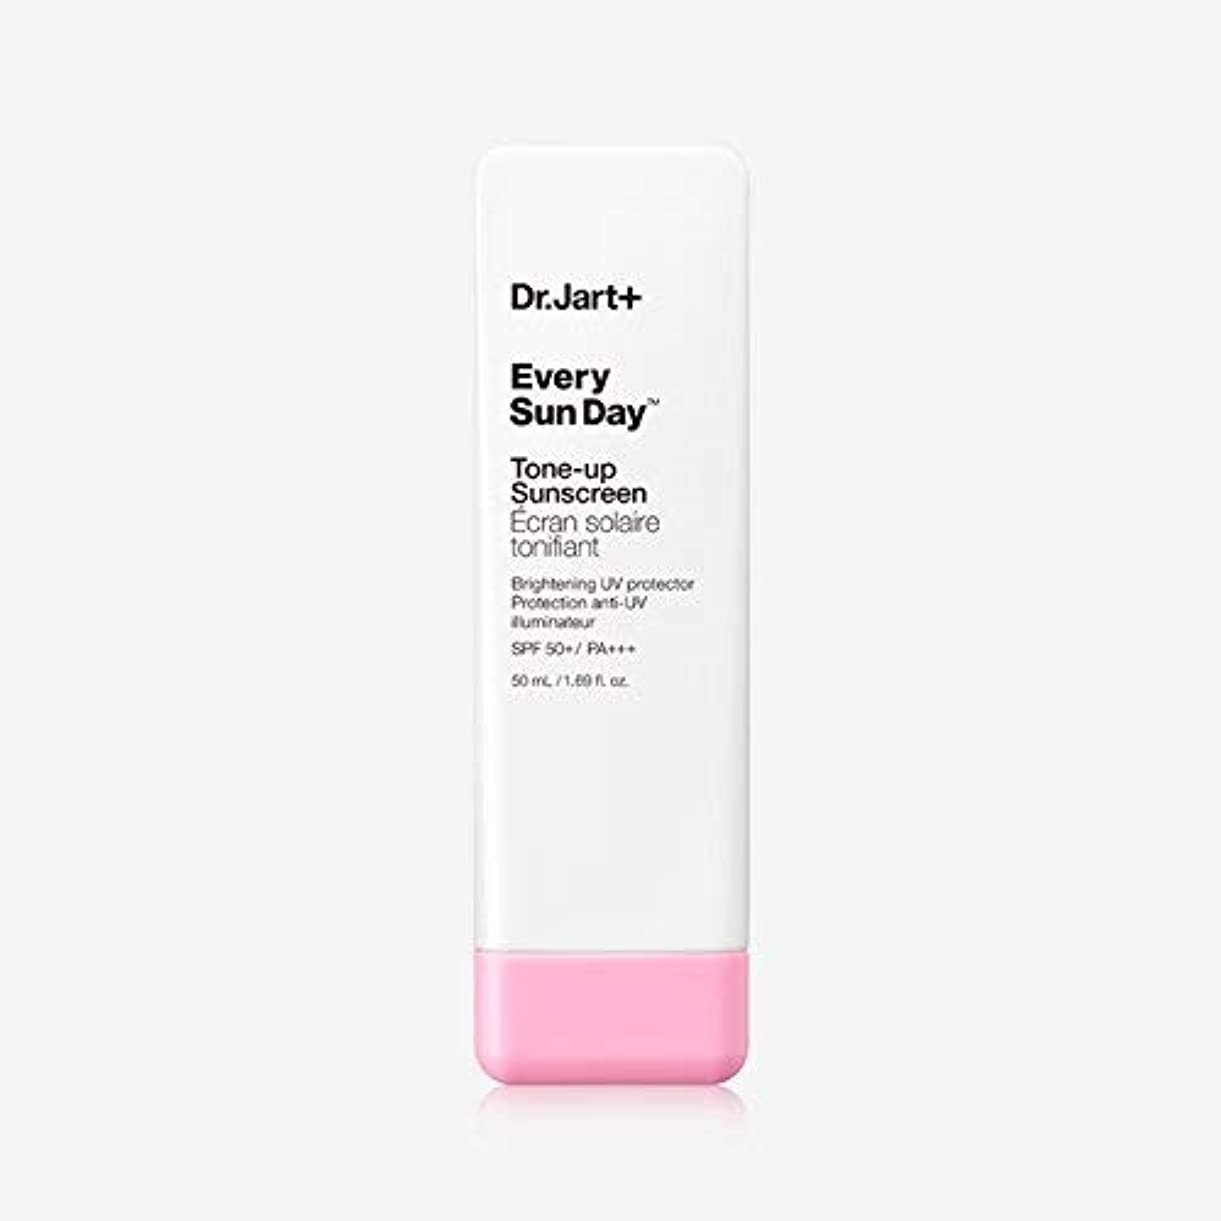 スポーツ影響する取るDr.Jart+ Every Sun Day Tone-up Sunscreen SPF50+ PA+++ 50ml / ドクタージャルトゥエヴリサンデートーンアップサンスクリーンSPF50+PA+++50ml [並行輸入品]